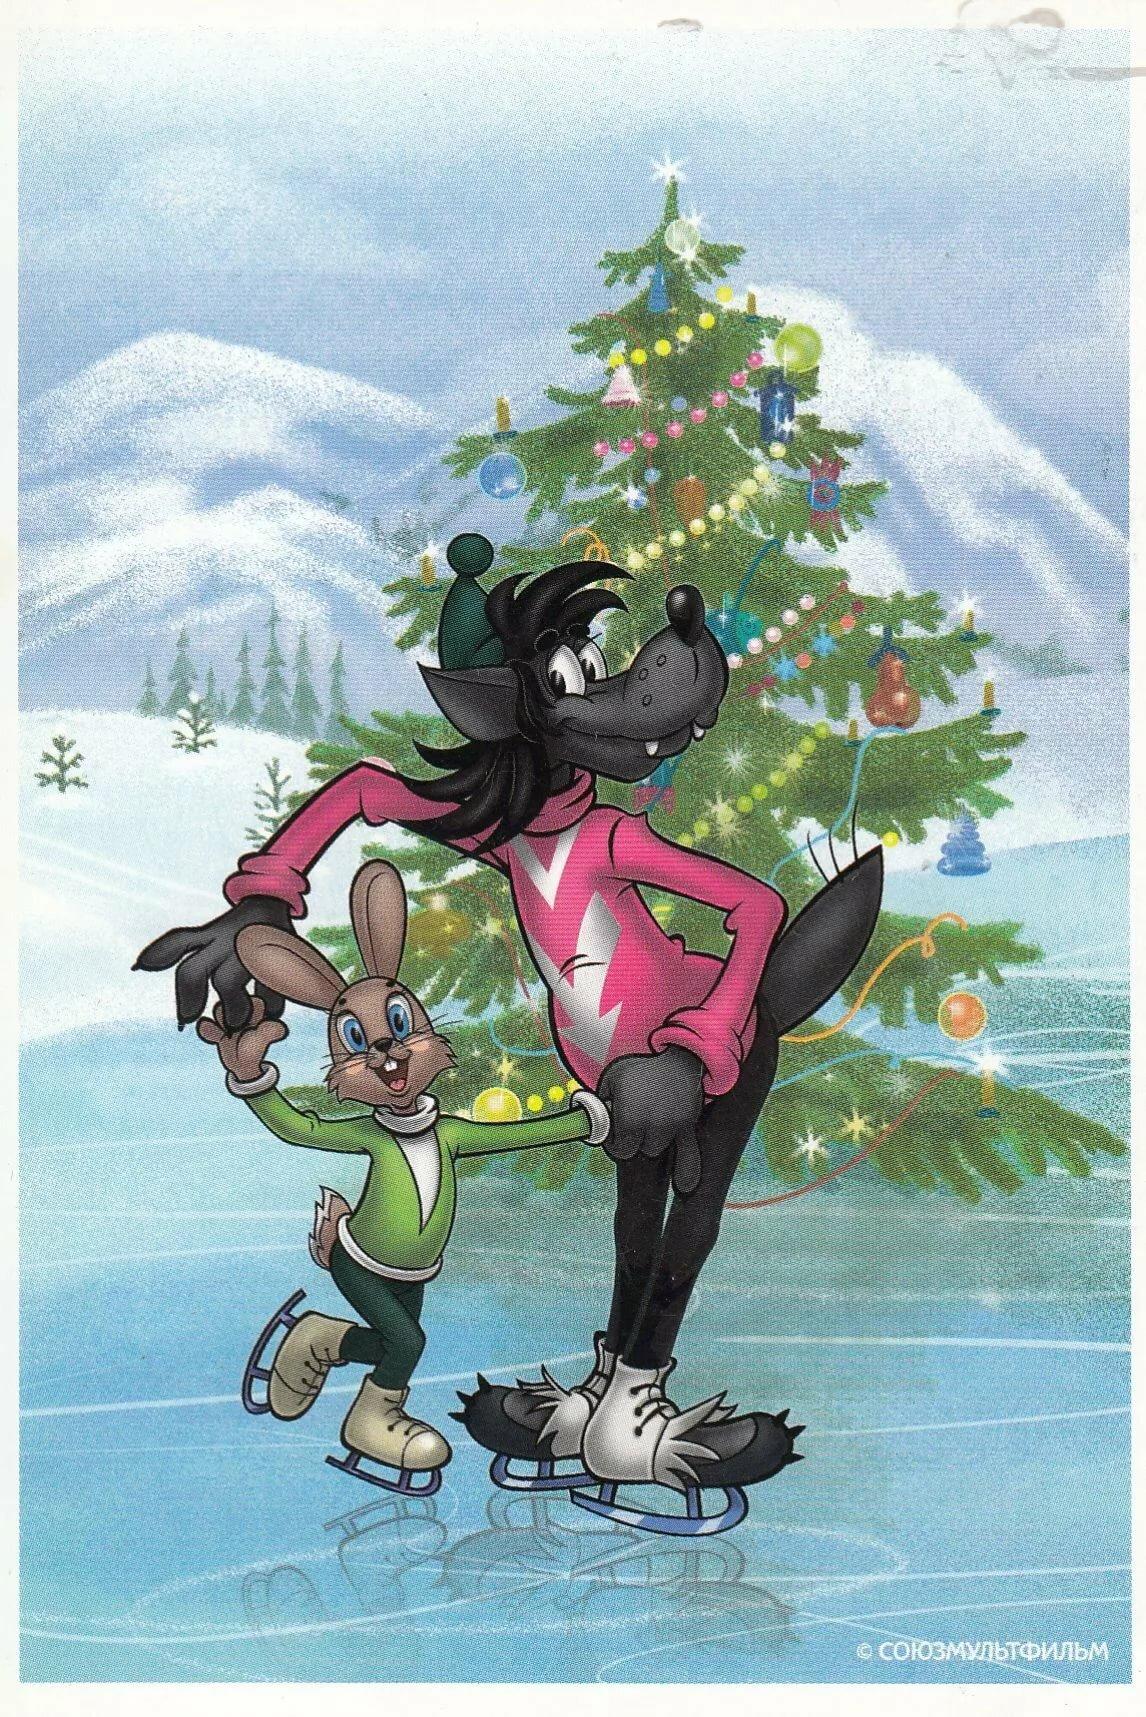 исследование картинка волка на коньках словам нади